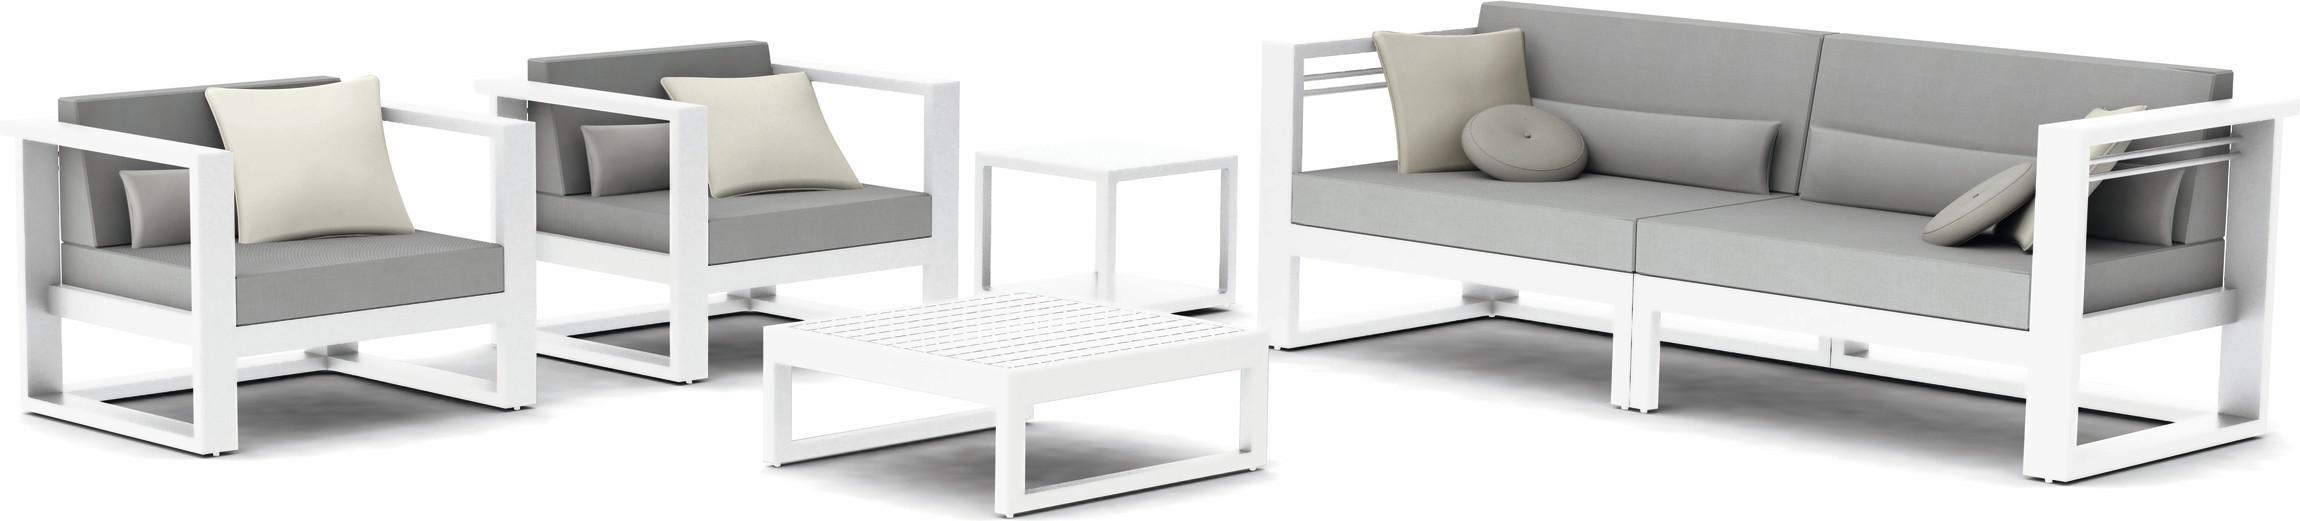 Fuse Concept 3 - wit - textiles white